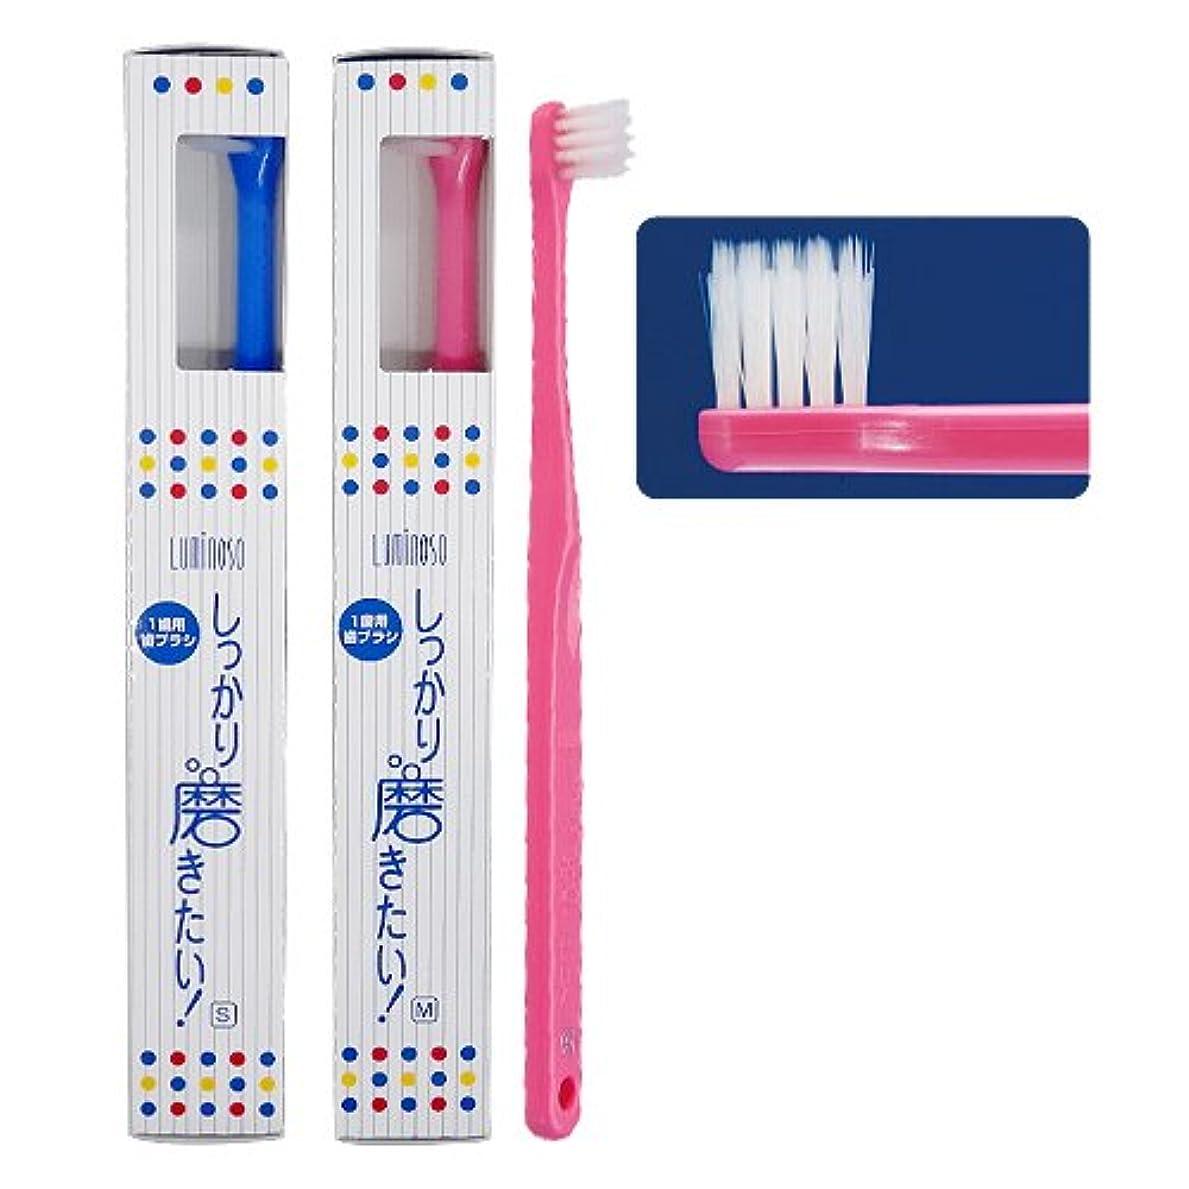 繊毛小道具強打ルミノソ 1歯用歯ブラシ「しっかり磨きたい!」スタンダード ソフト